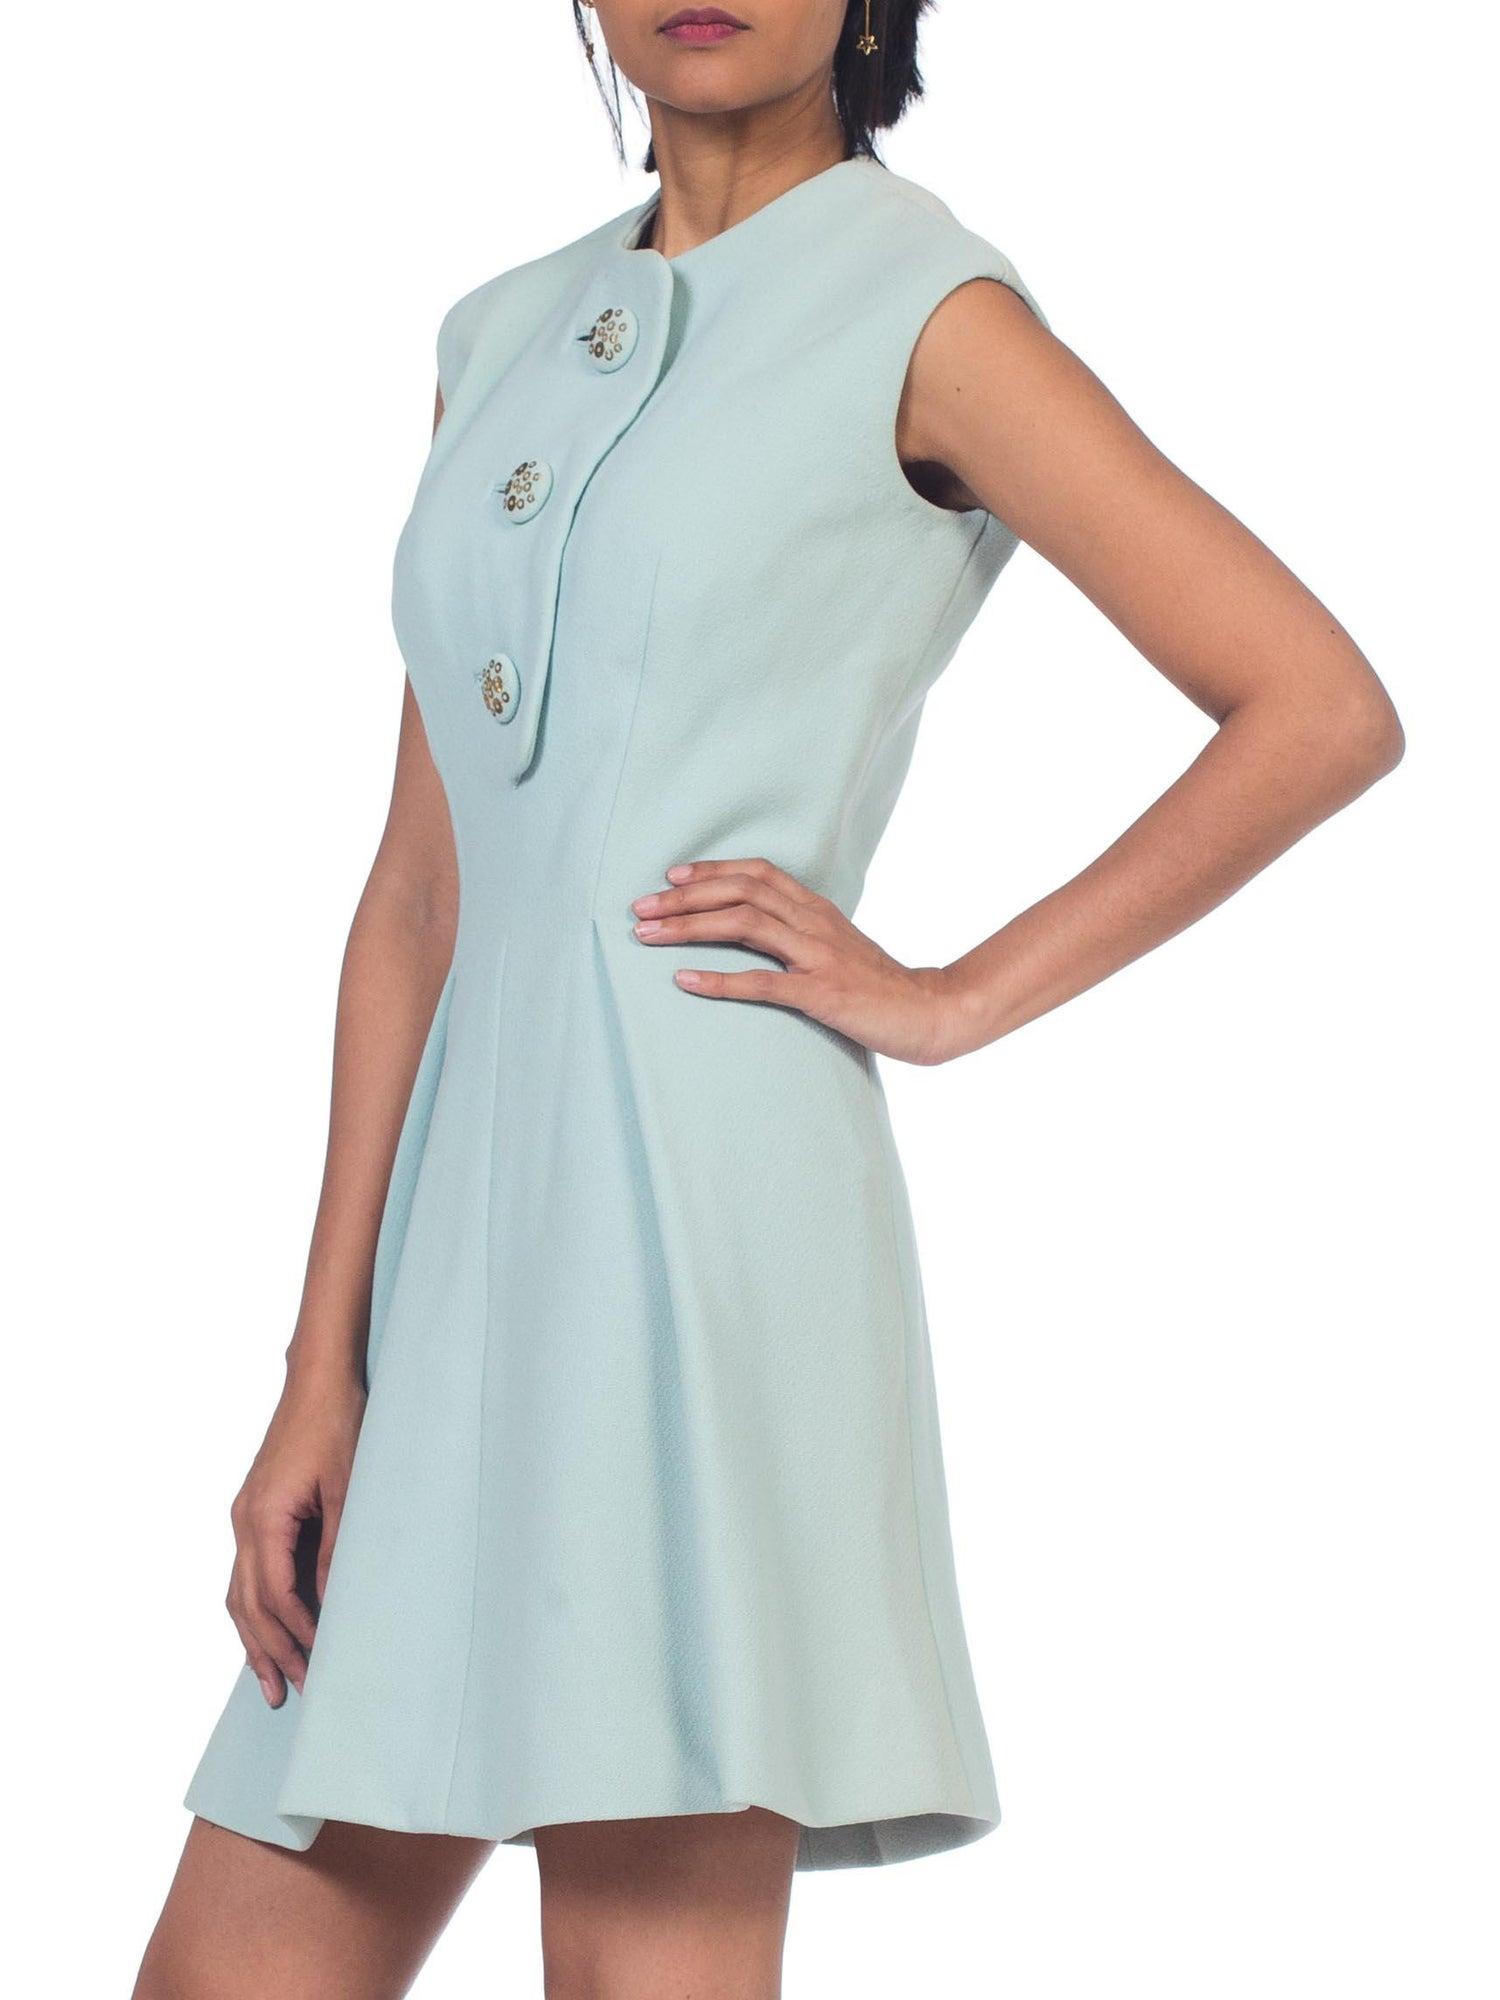 ae42fa8dfffe 1960s Mint Green Pauline Trigere Mod Mini Dress For Sale at 1stdibs